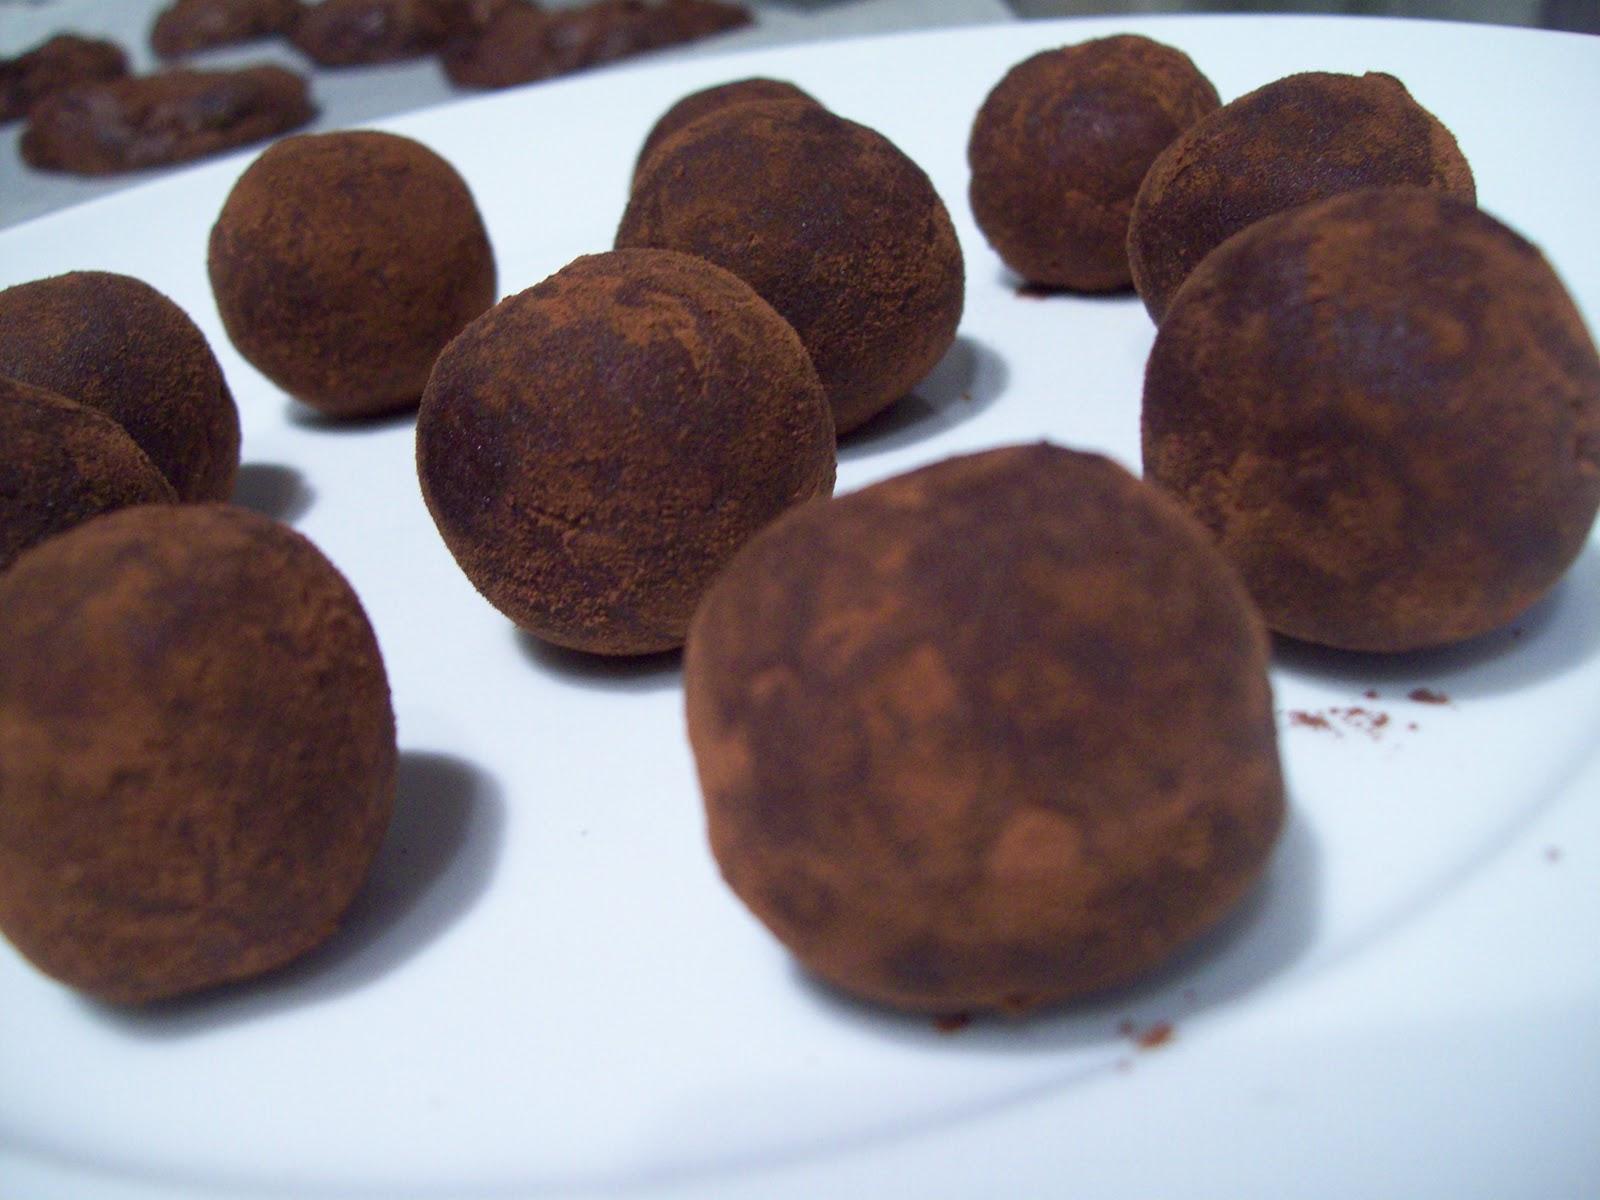 Makey-Cakey: Dark Chocolate Hazelnut Truffles